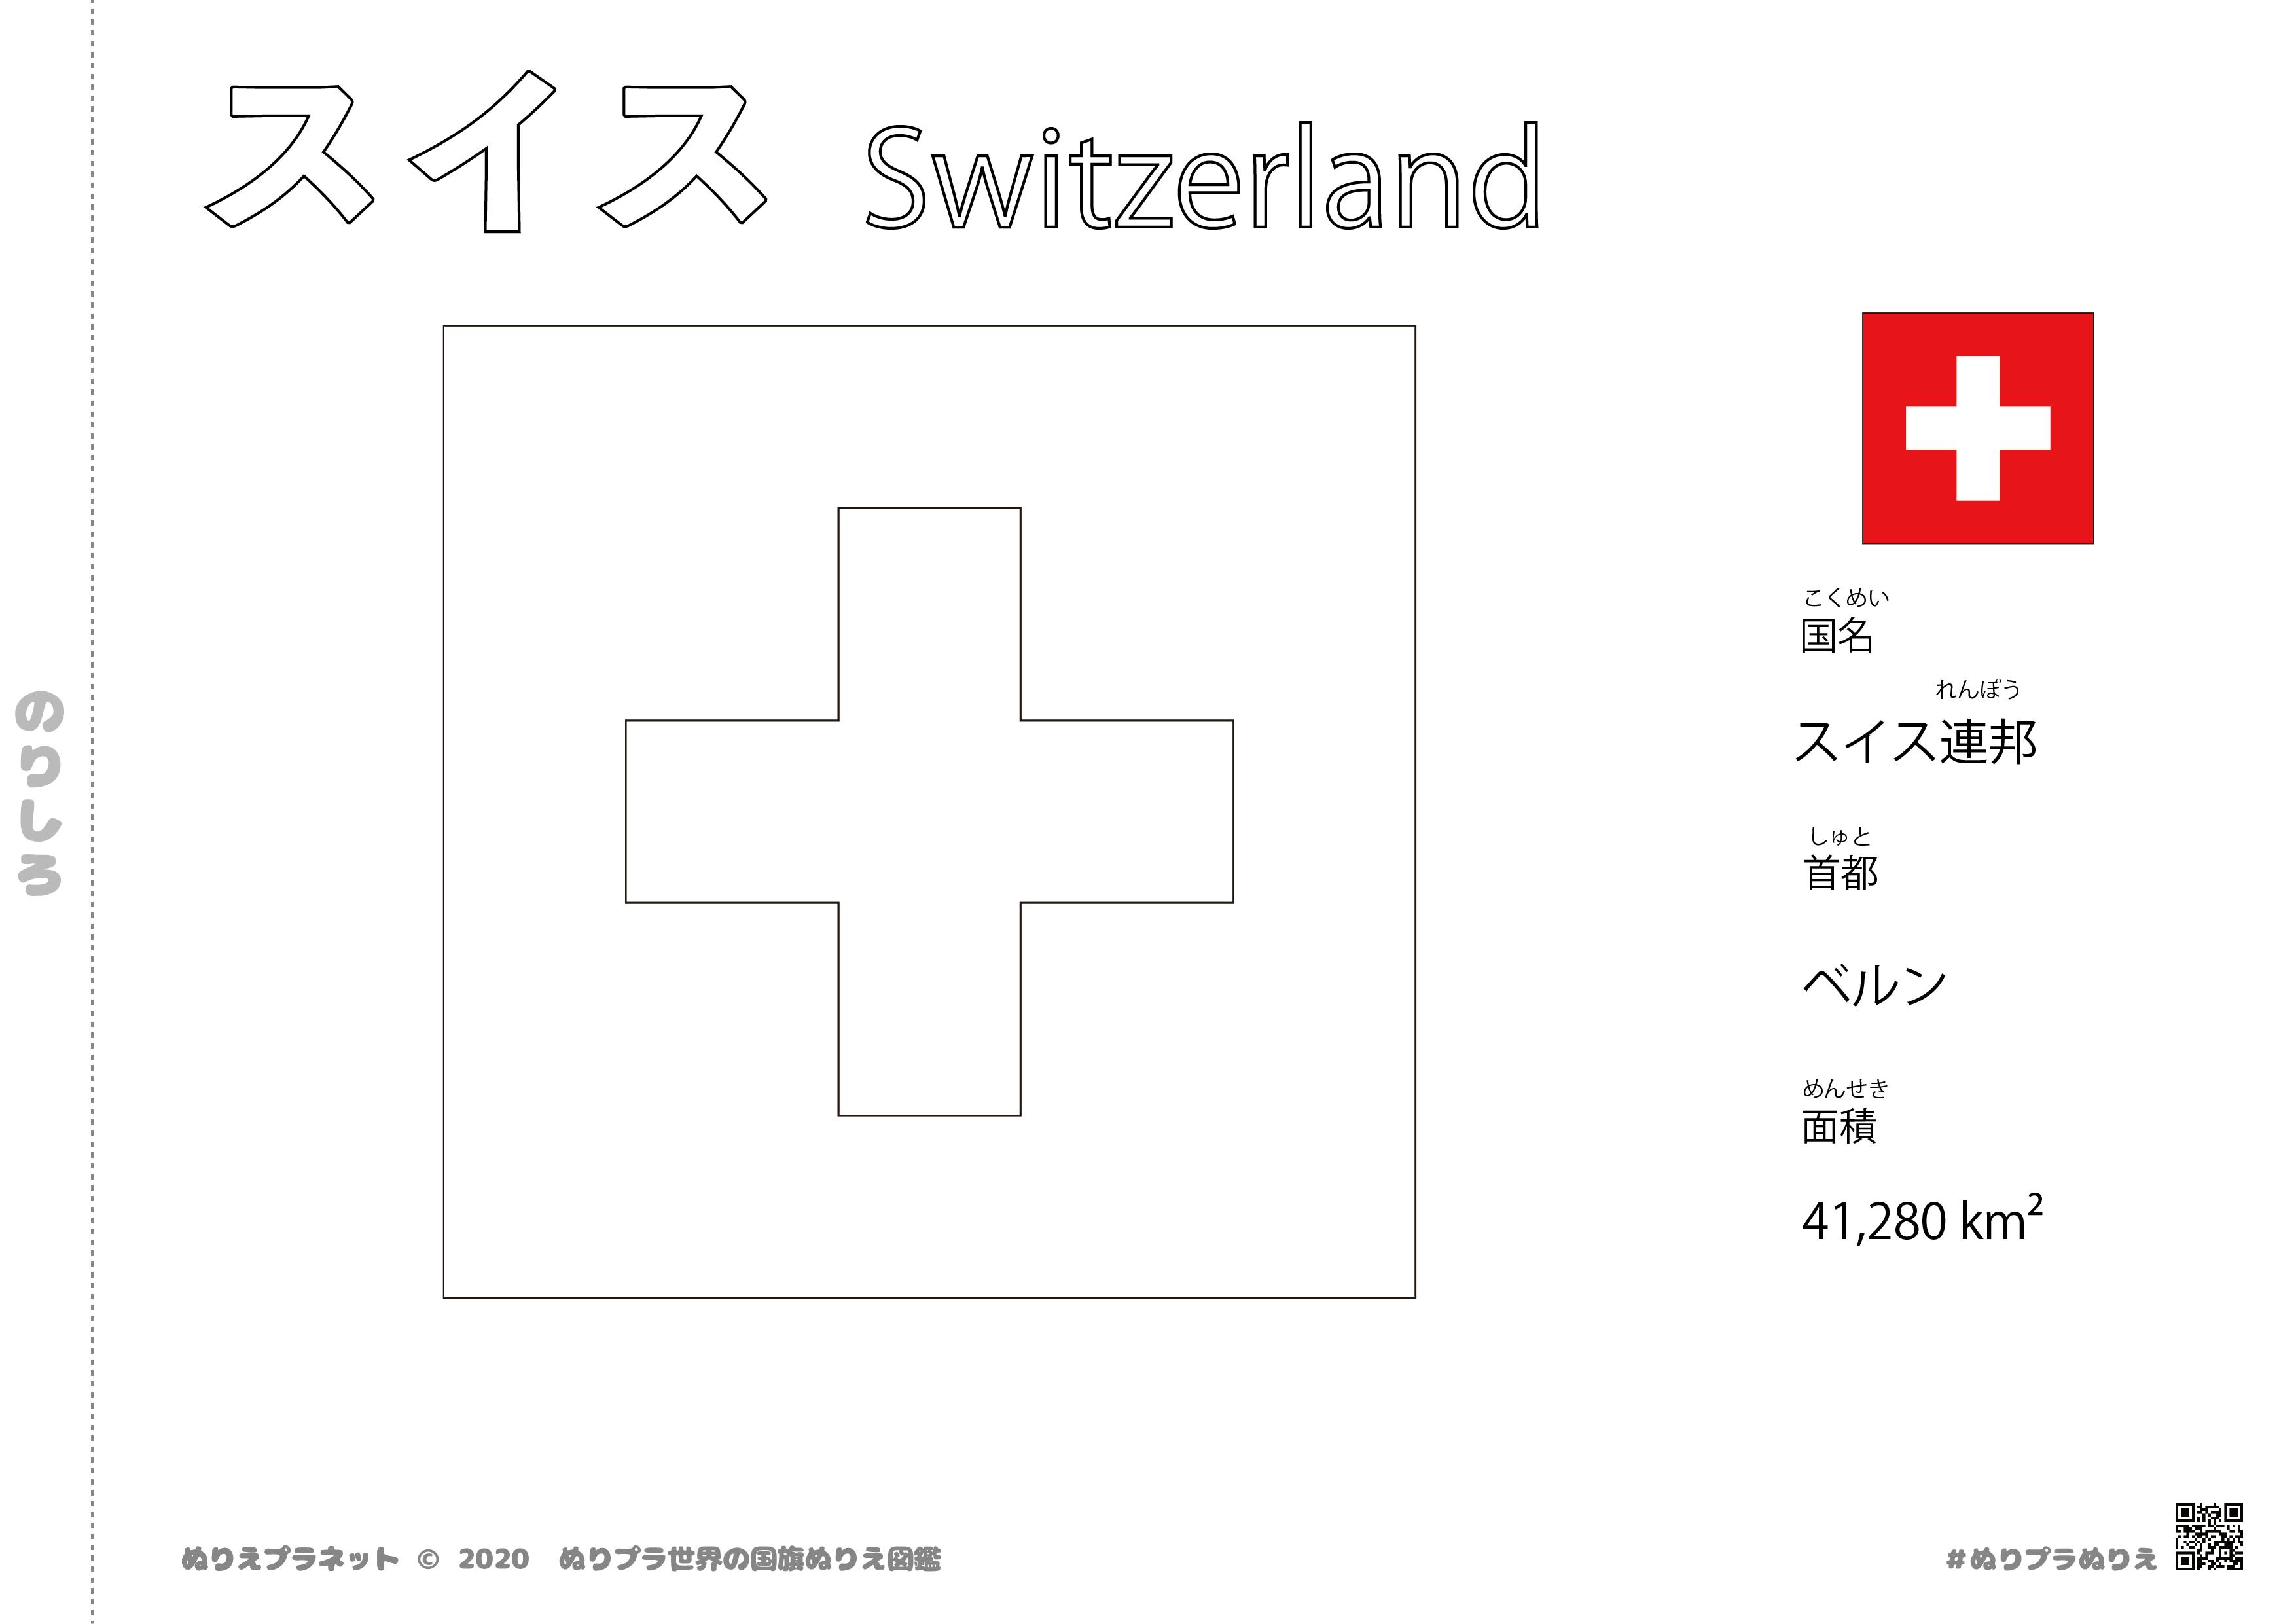 世界の国旗シリーズぬりえのスイスの国旗の塗り絵です。